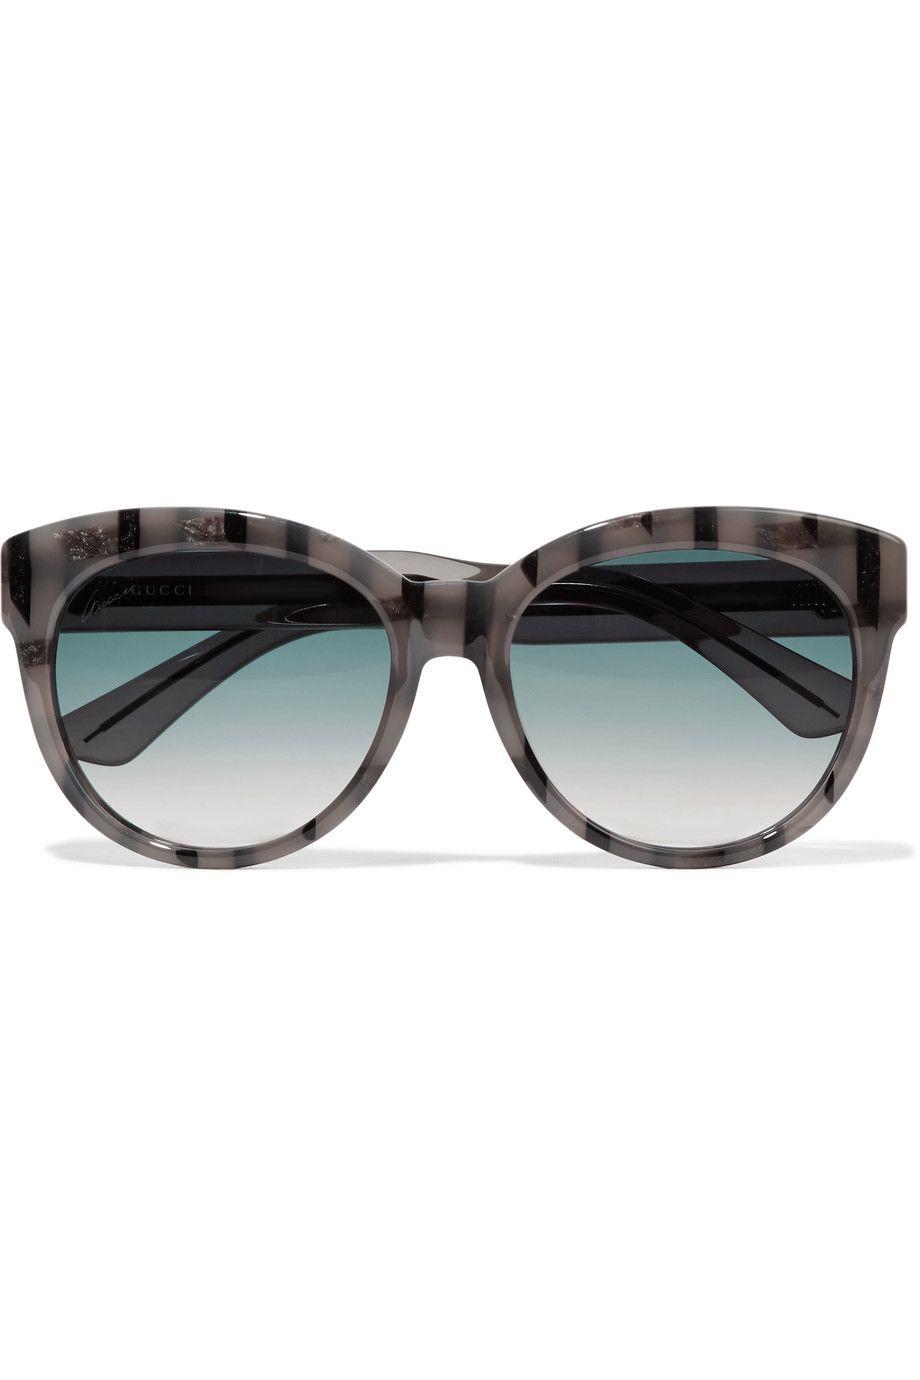 06d4202899f GUCCI Cat-eye acetate sunglasses.  gucci